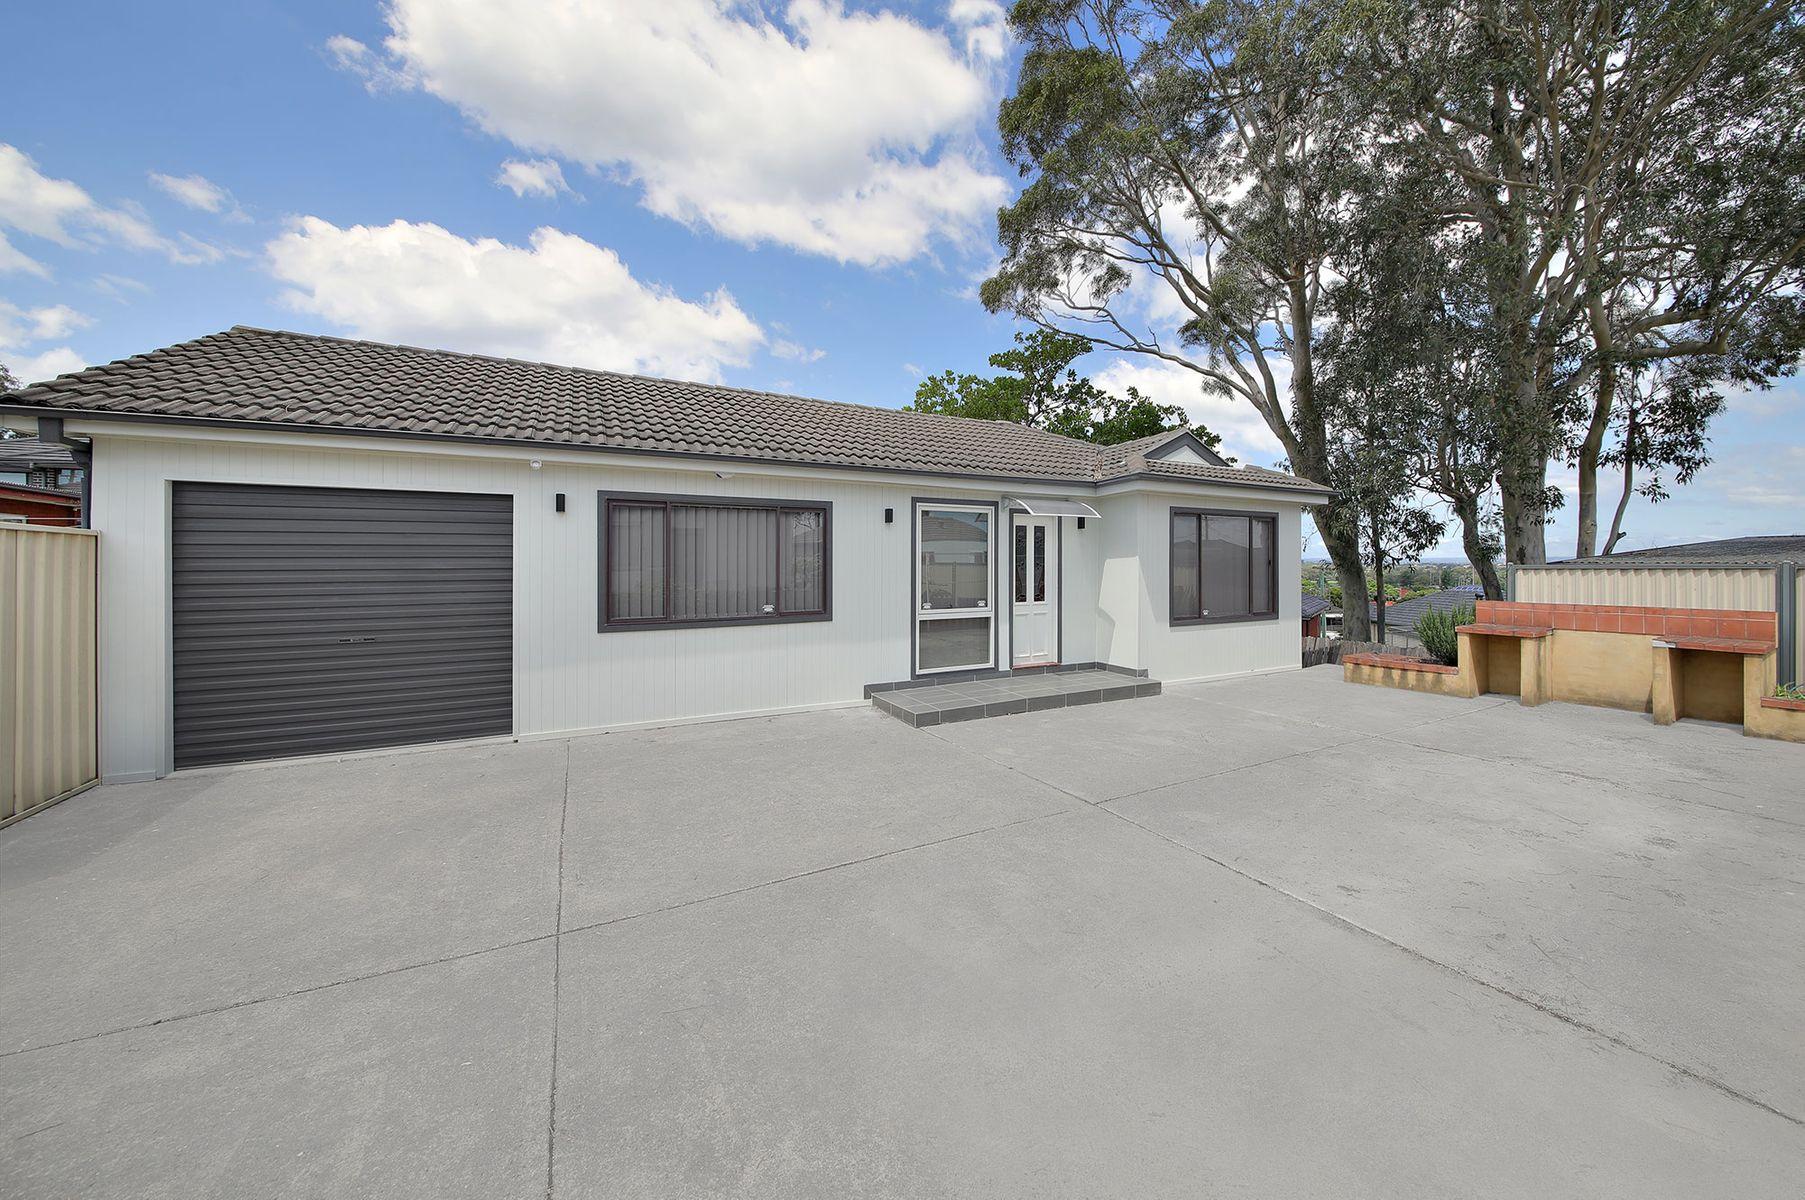 1A Garran Street, Fairfield West, NSW 2165